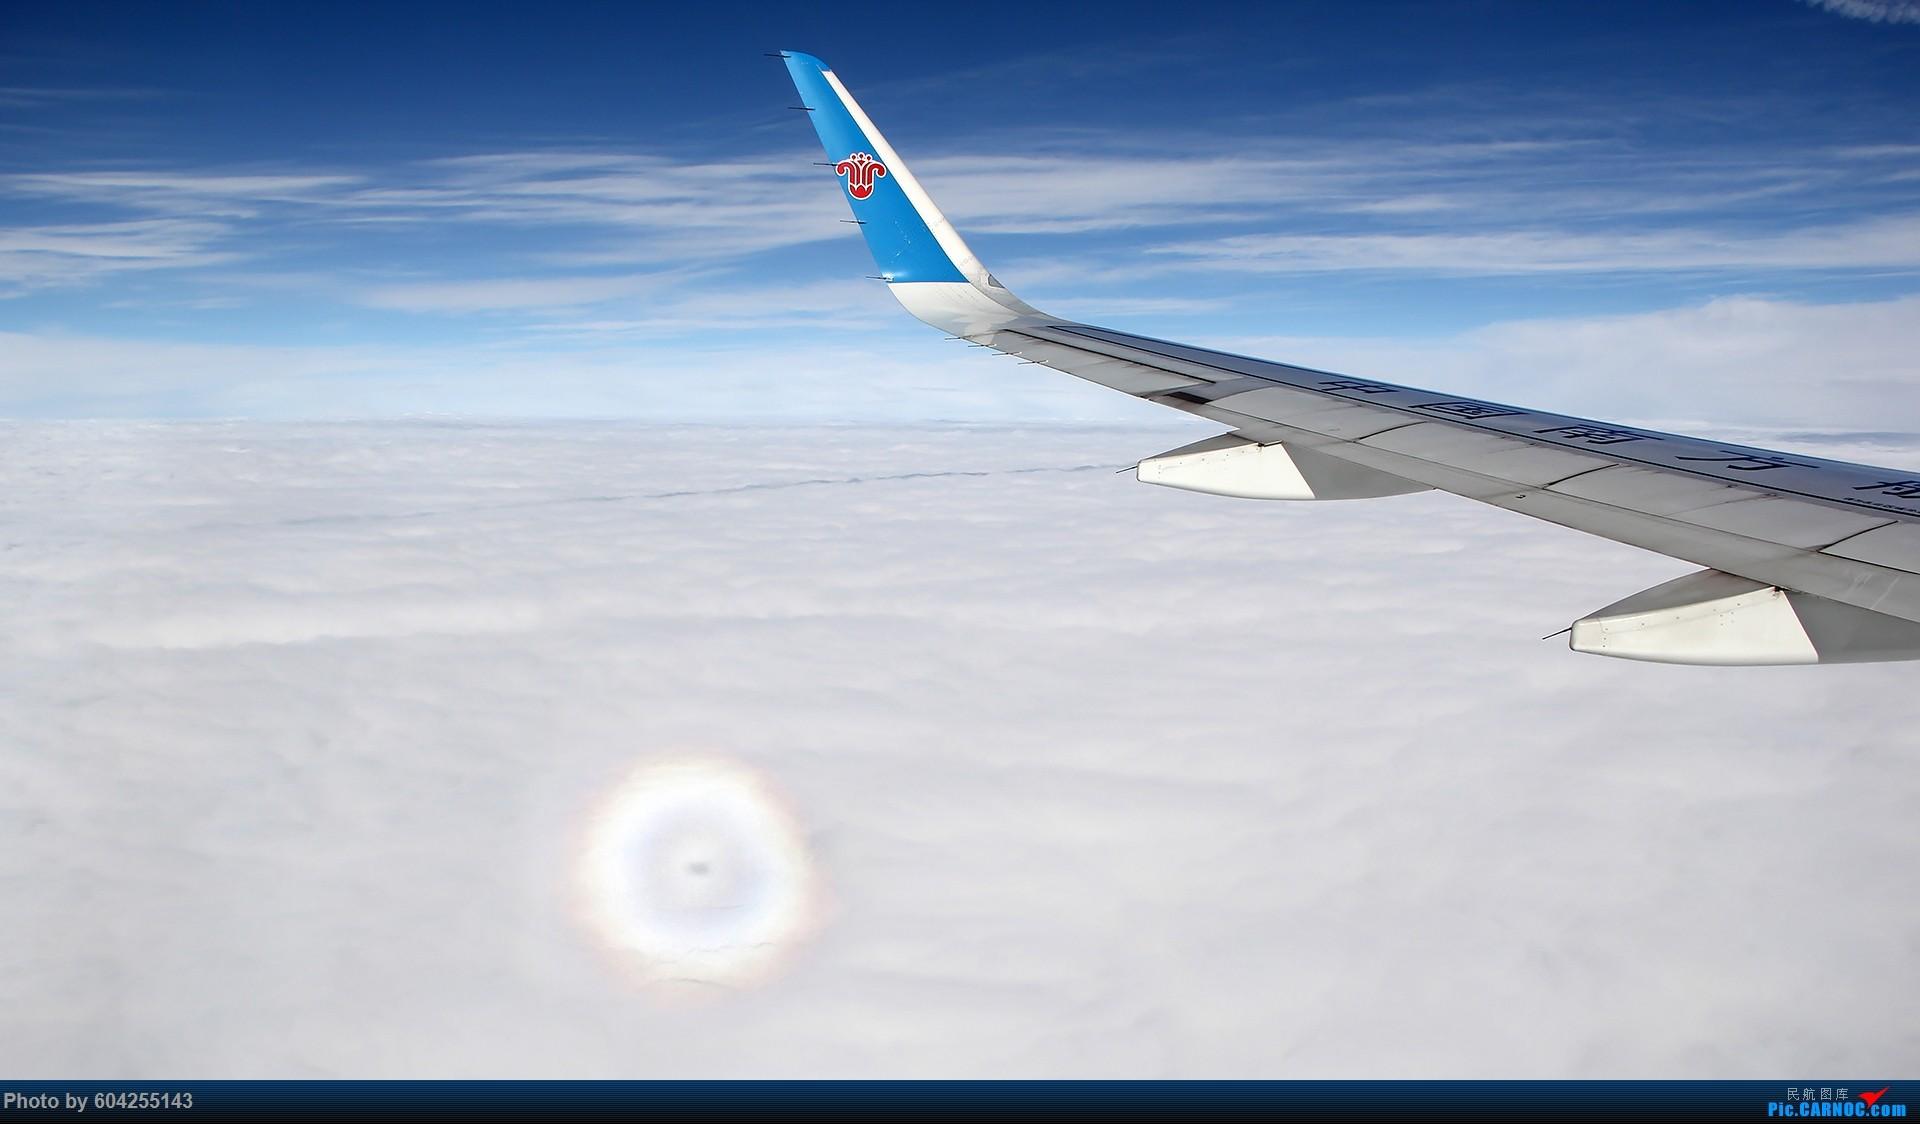 [原创][DLC]。。。透过机窗看世界。。。